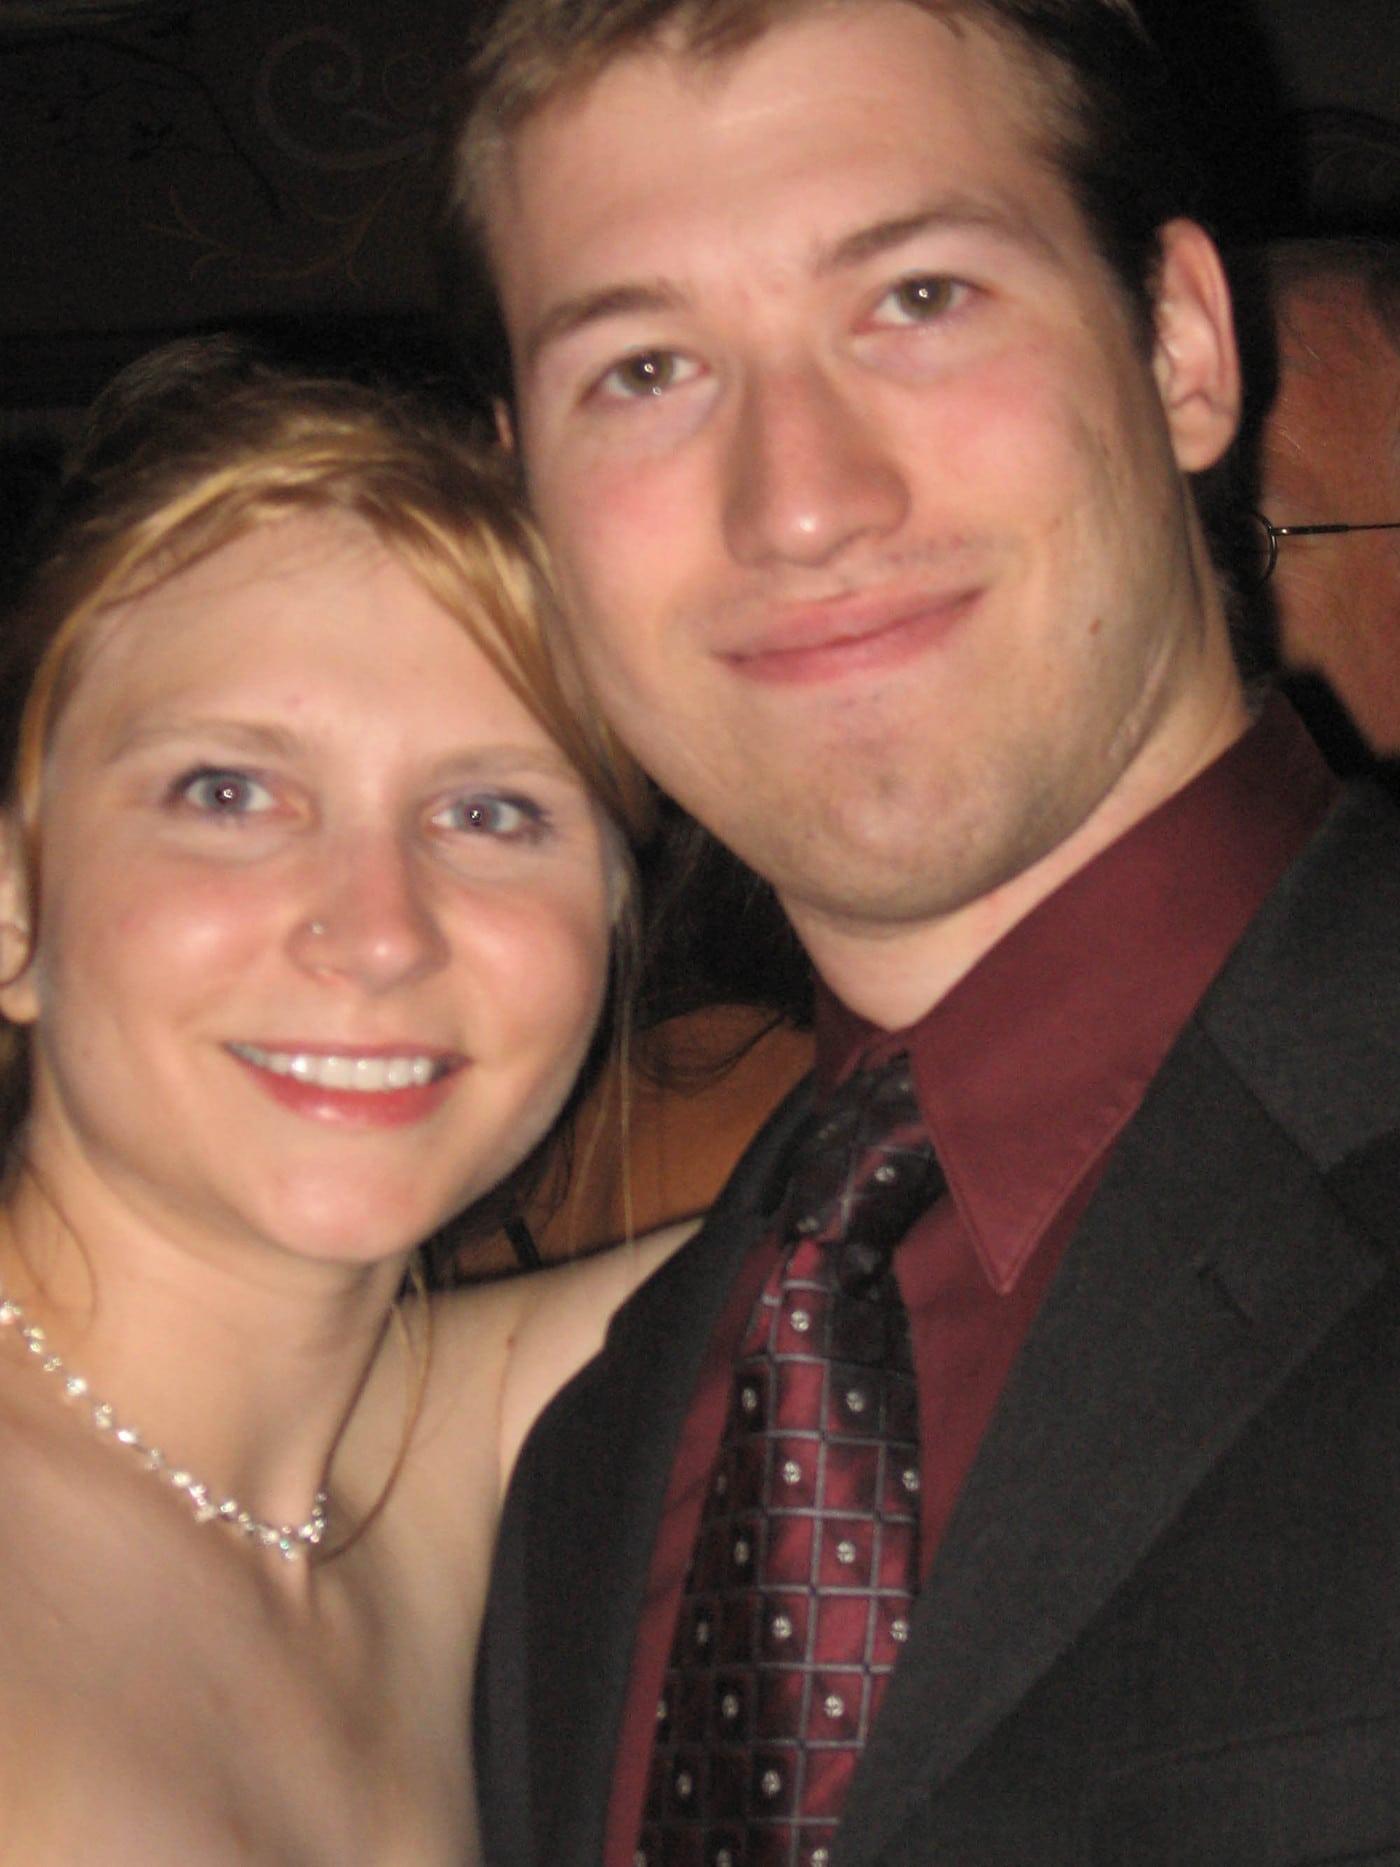 Val and Matt at a wedding.